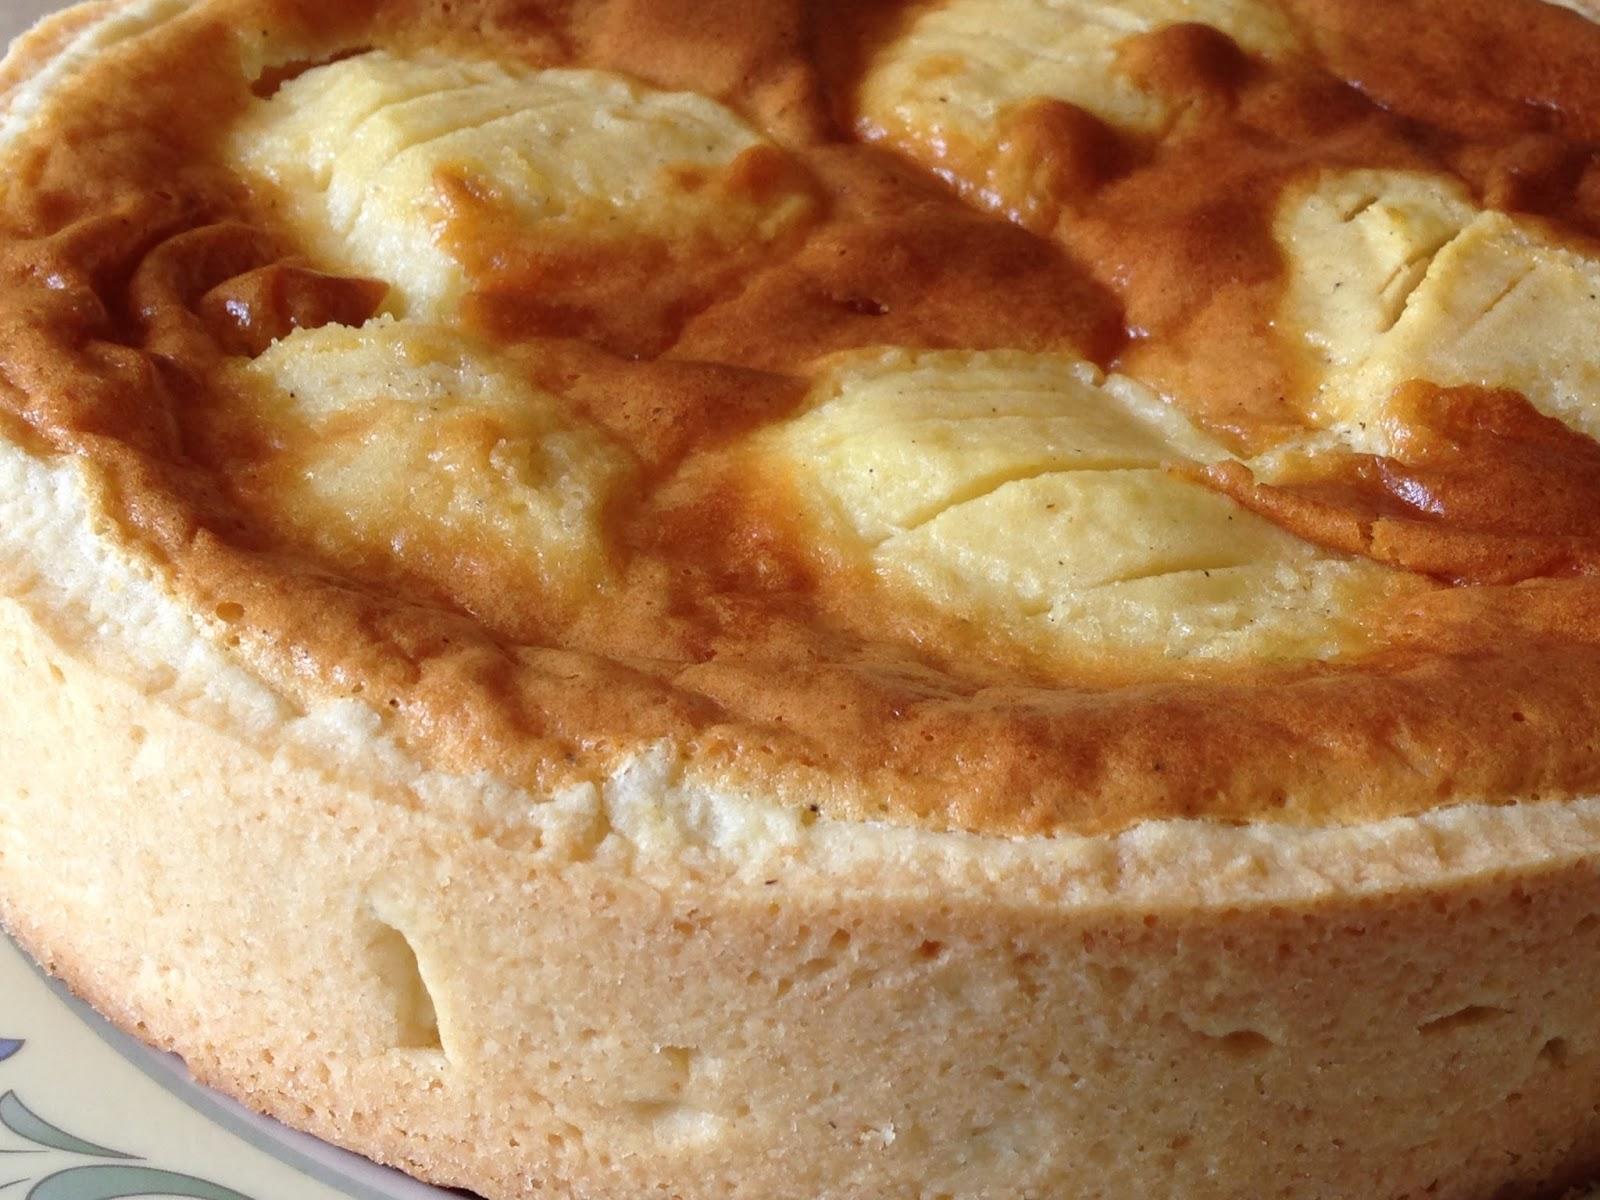 Torta con panna liquida benedetta parodi